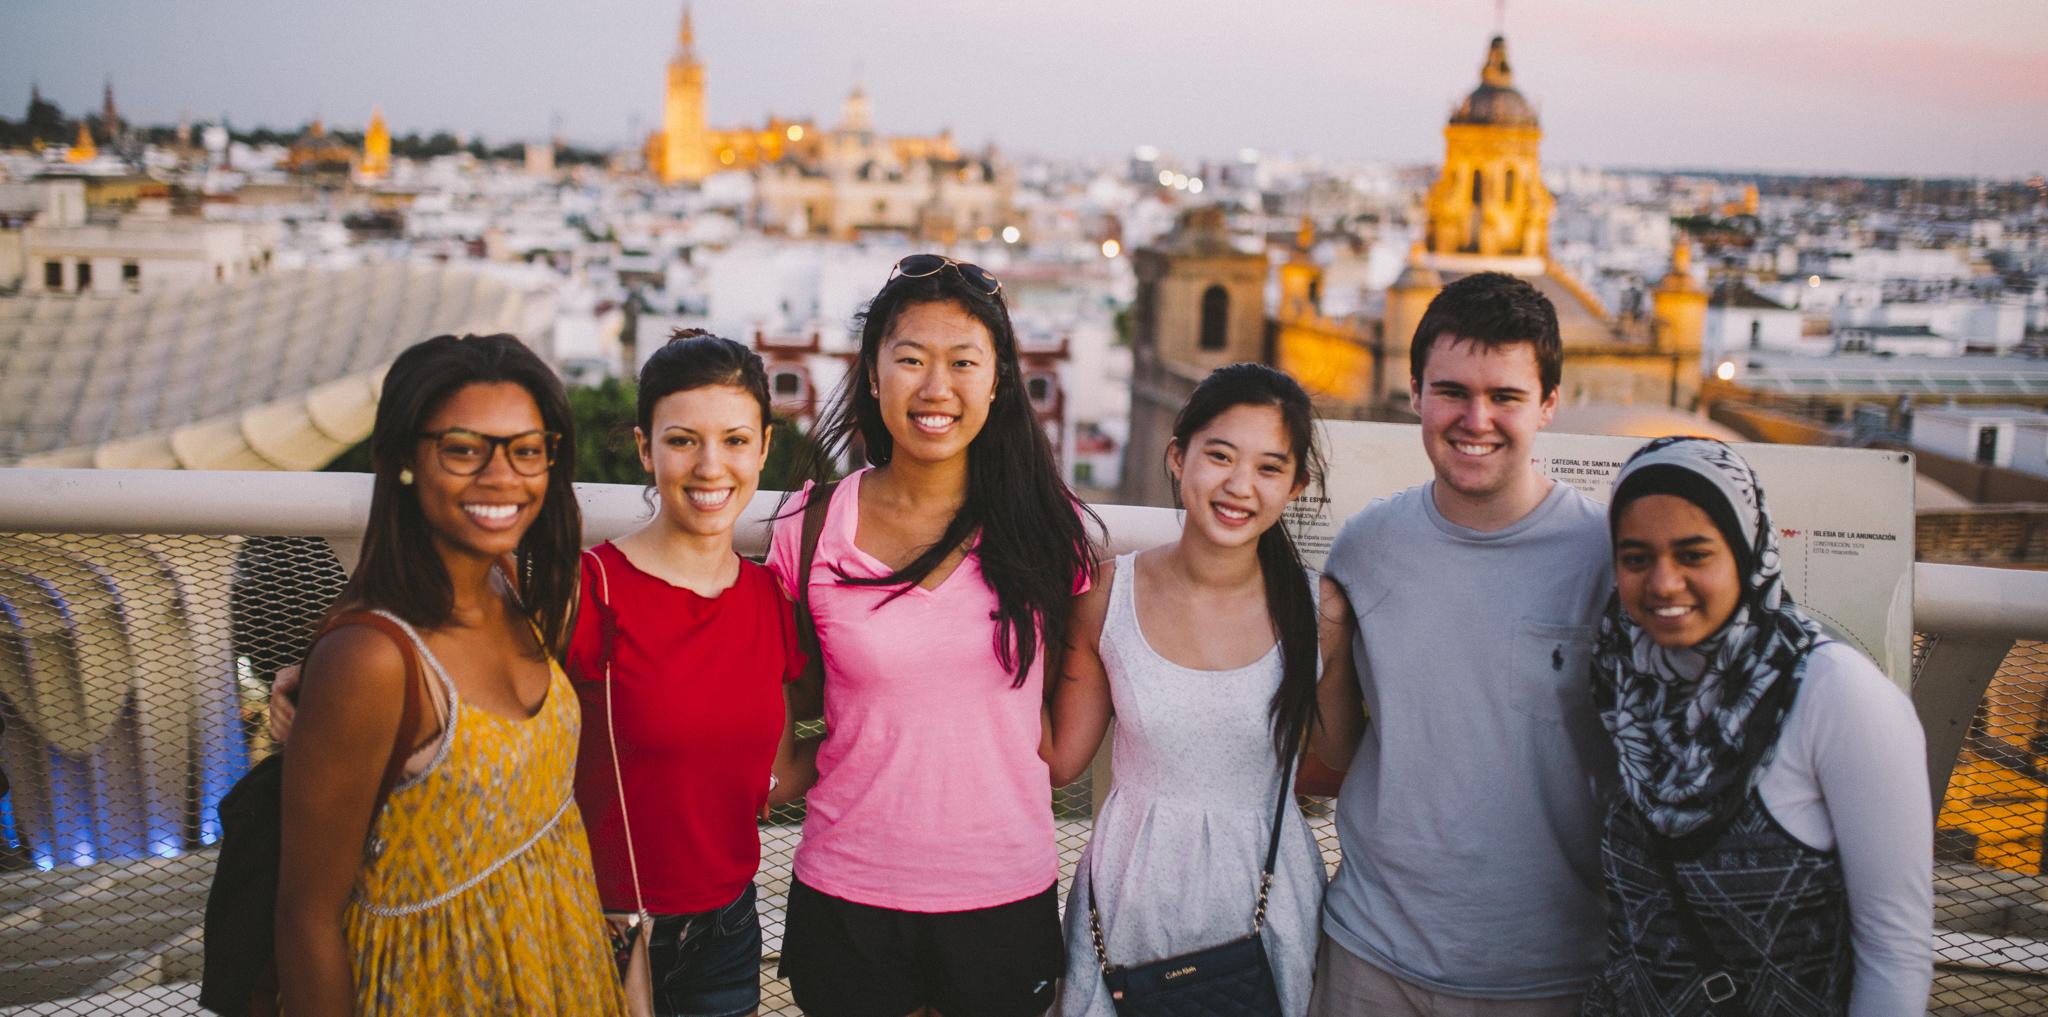 Du học hè là cơ hội để học sinh có những trải nghiệm học tập, vui chơi thú vị.